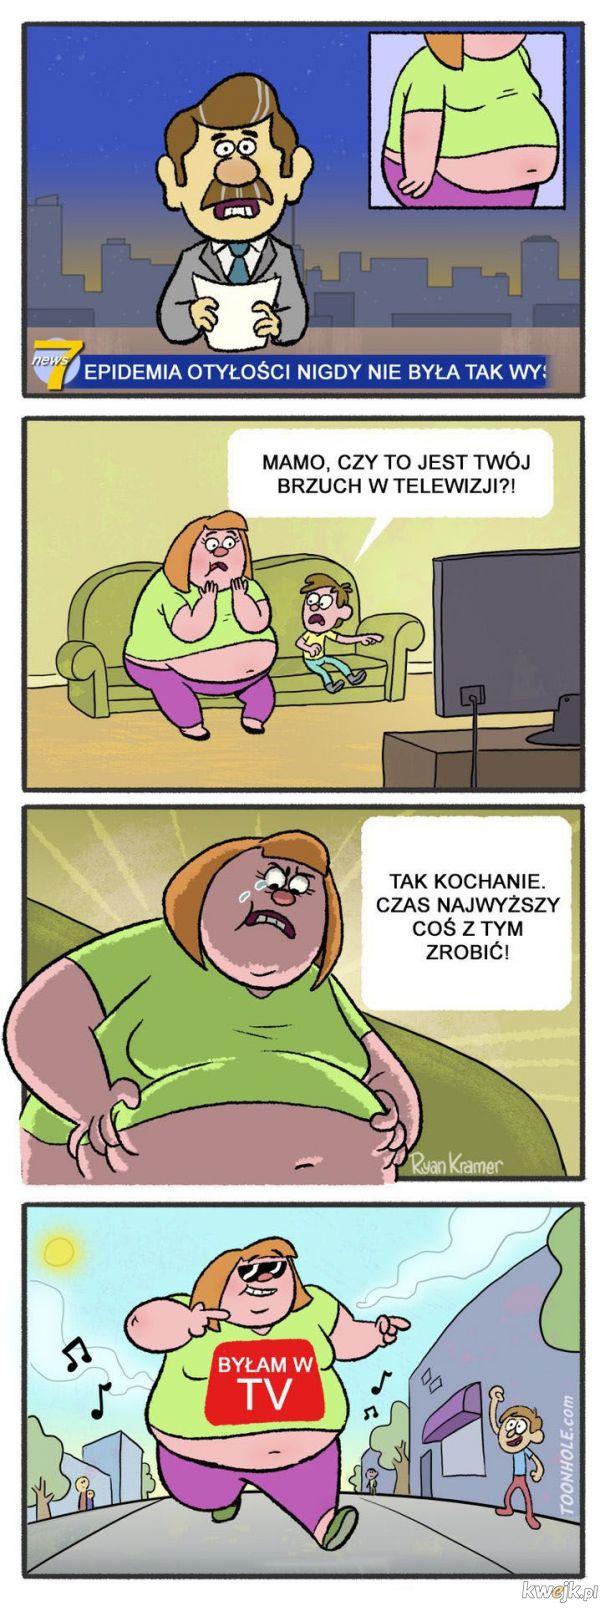 Epidemia otyłości